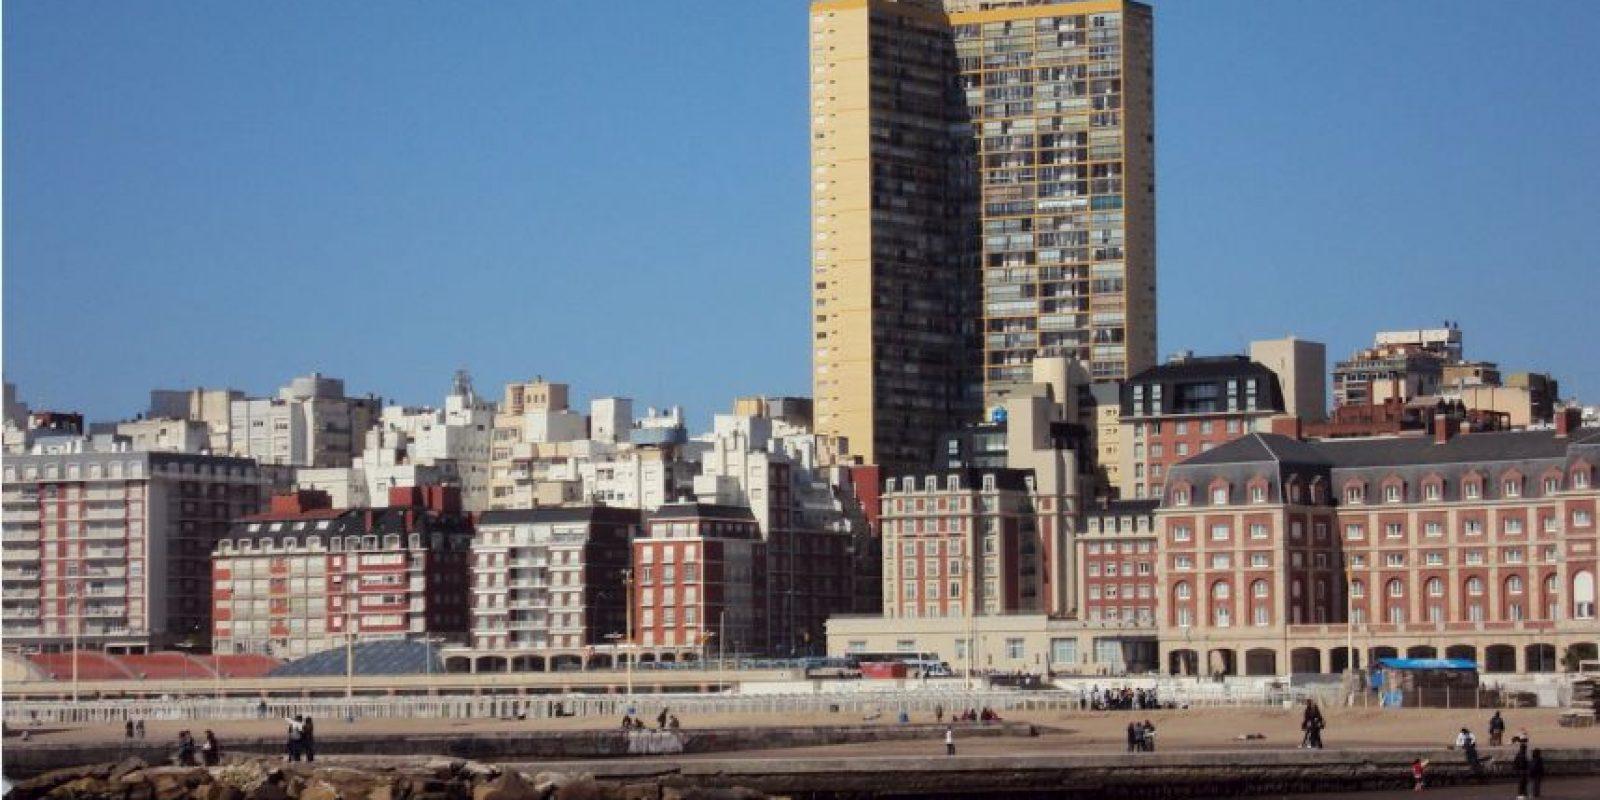 Las auroridades de Mar de Plata esperan formar una flotilla de al menos 800 agentes para septiembre. Foto:Vía wikimedia.org